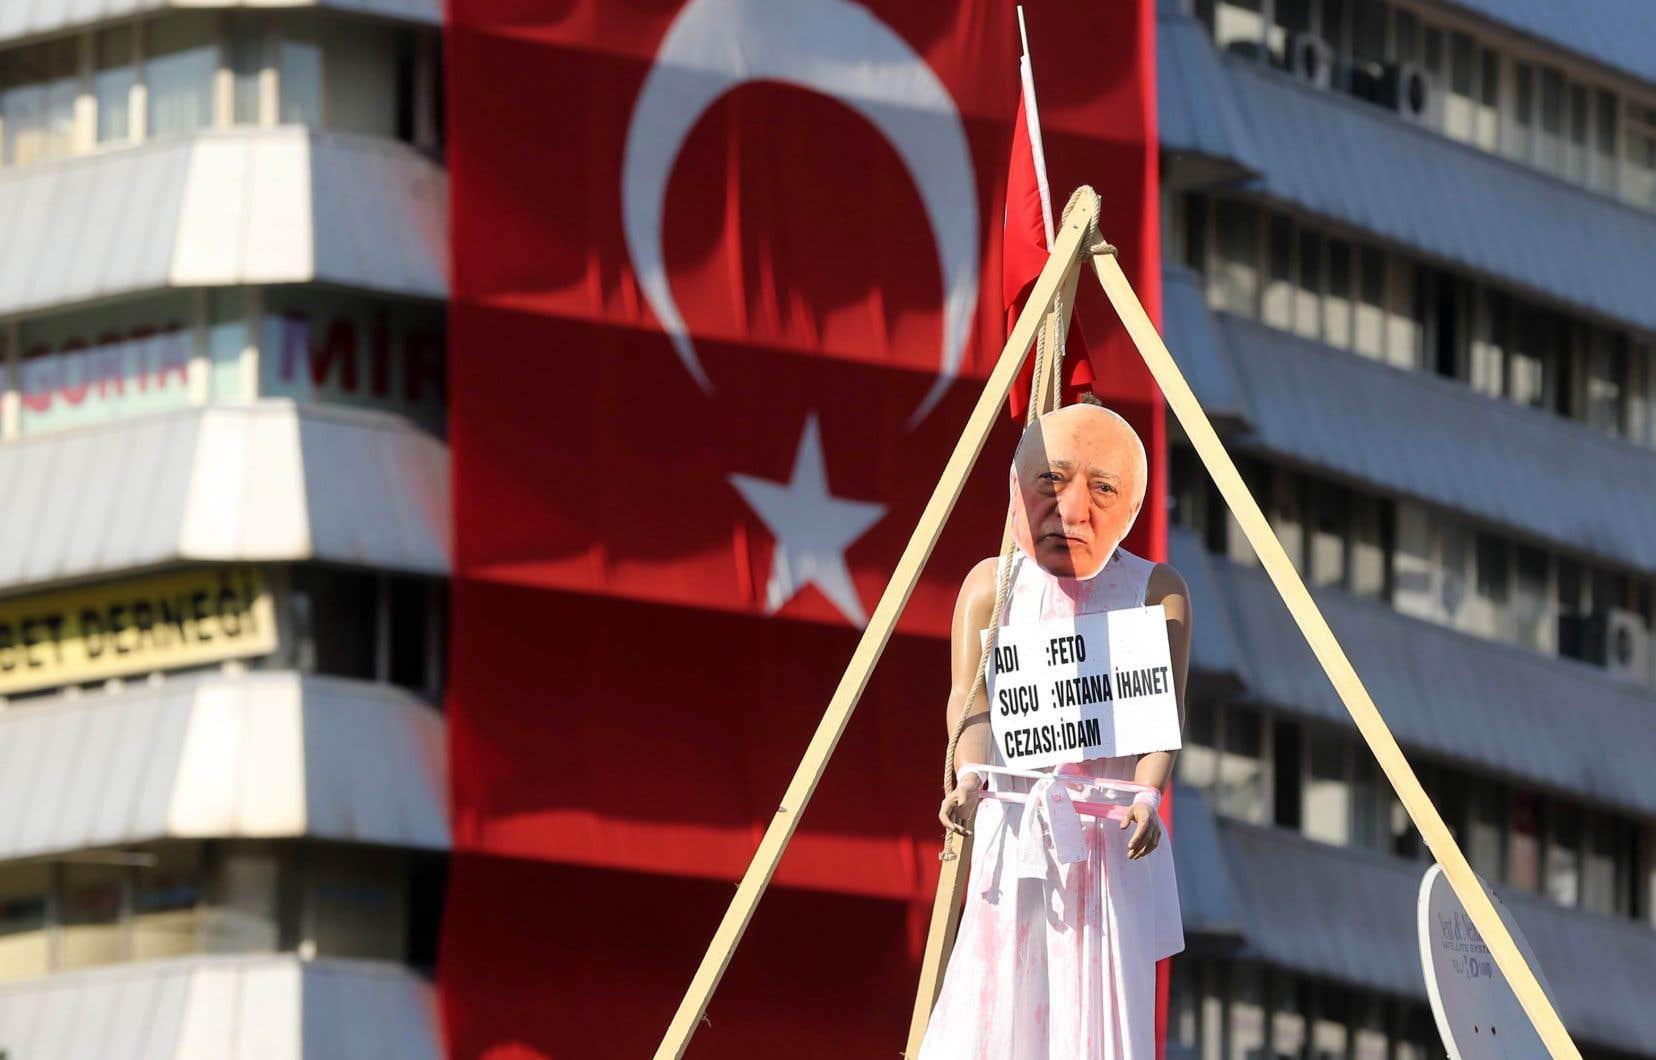 Les autorités turques accusent le prédicateur Fethullah Gülen d'avoir été le cerveau du coup d'État raté du 15 juillet 2016.